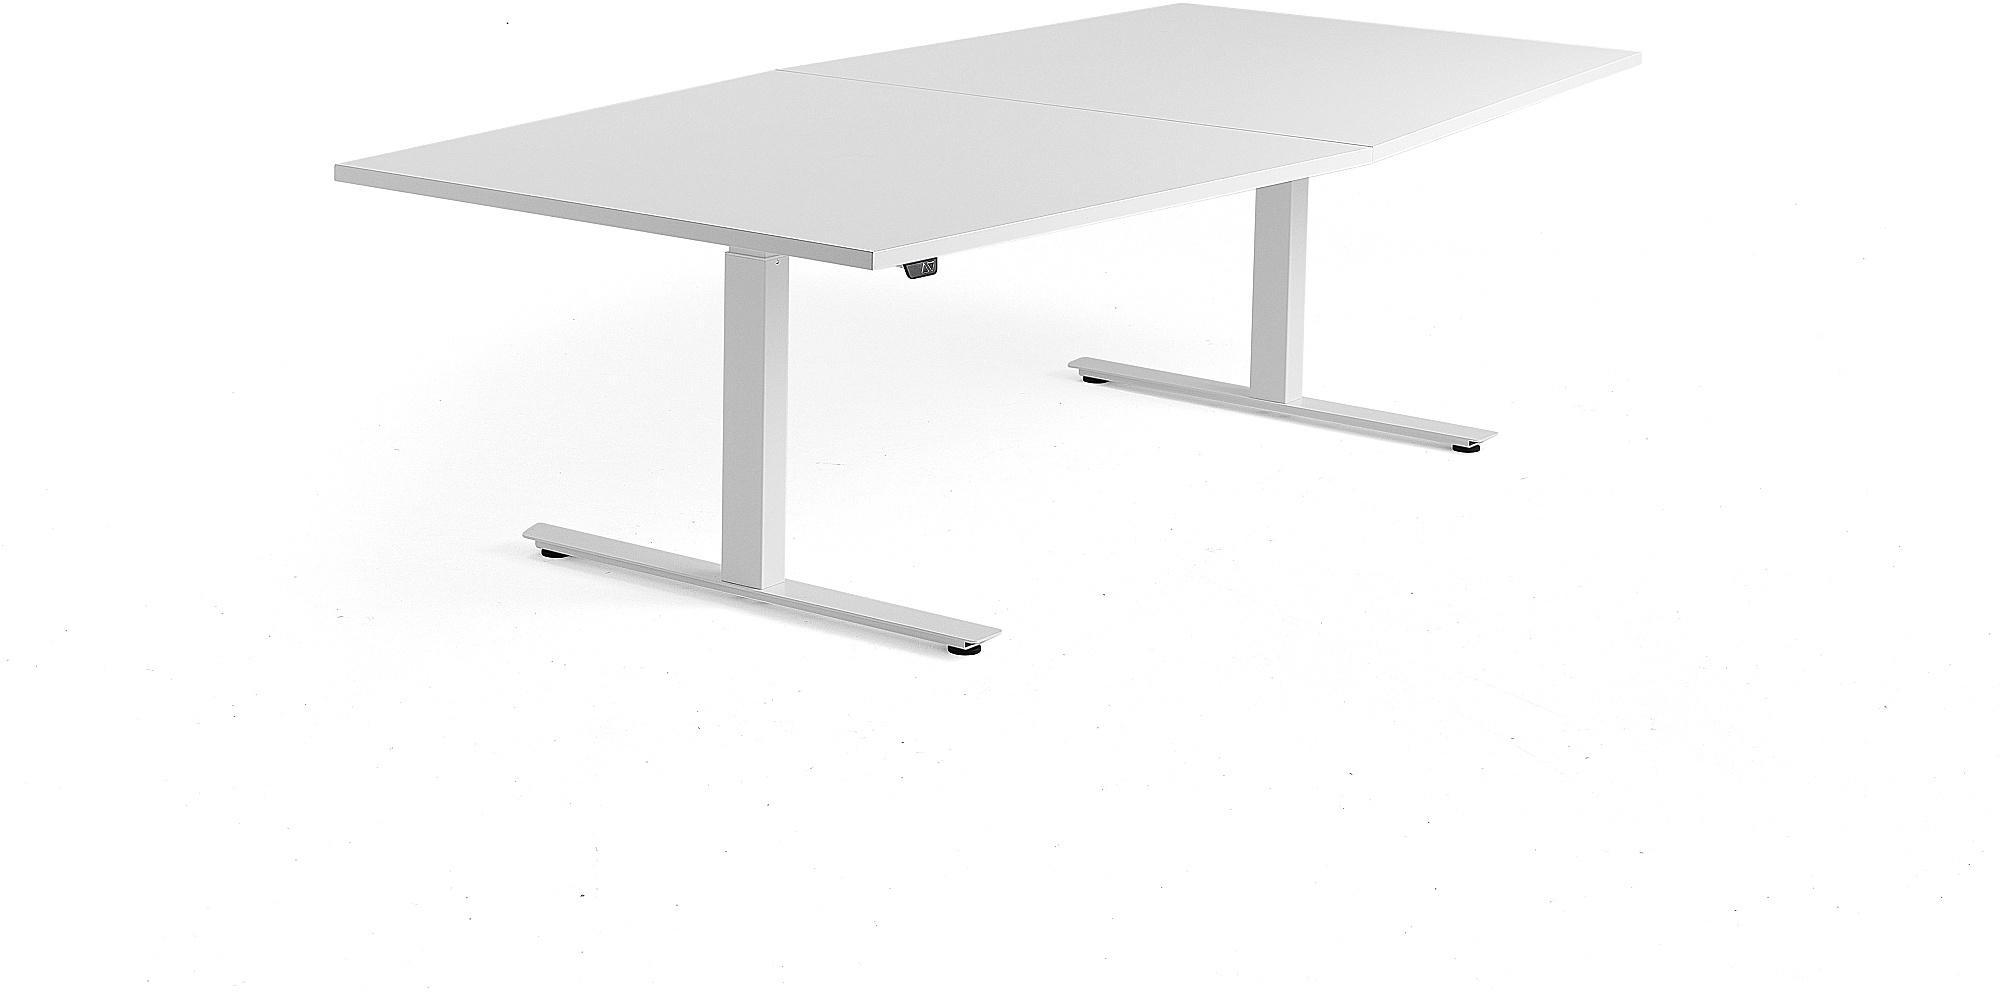 Výškovo nastaviteľný rokovací stôl Modulus, 2400x1200 mm, biela, biela